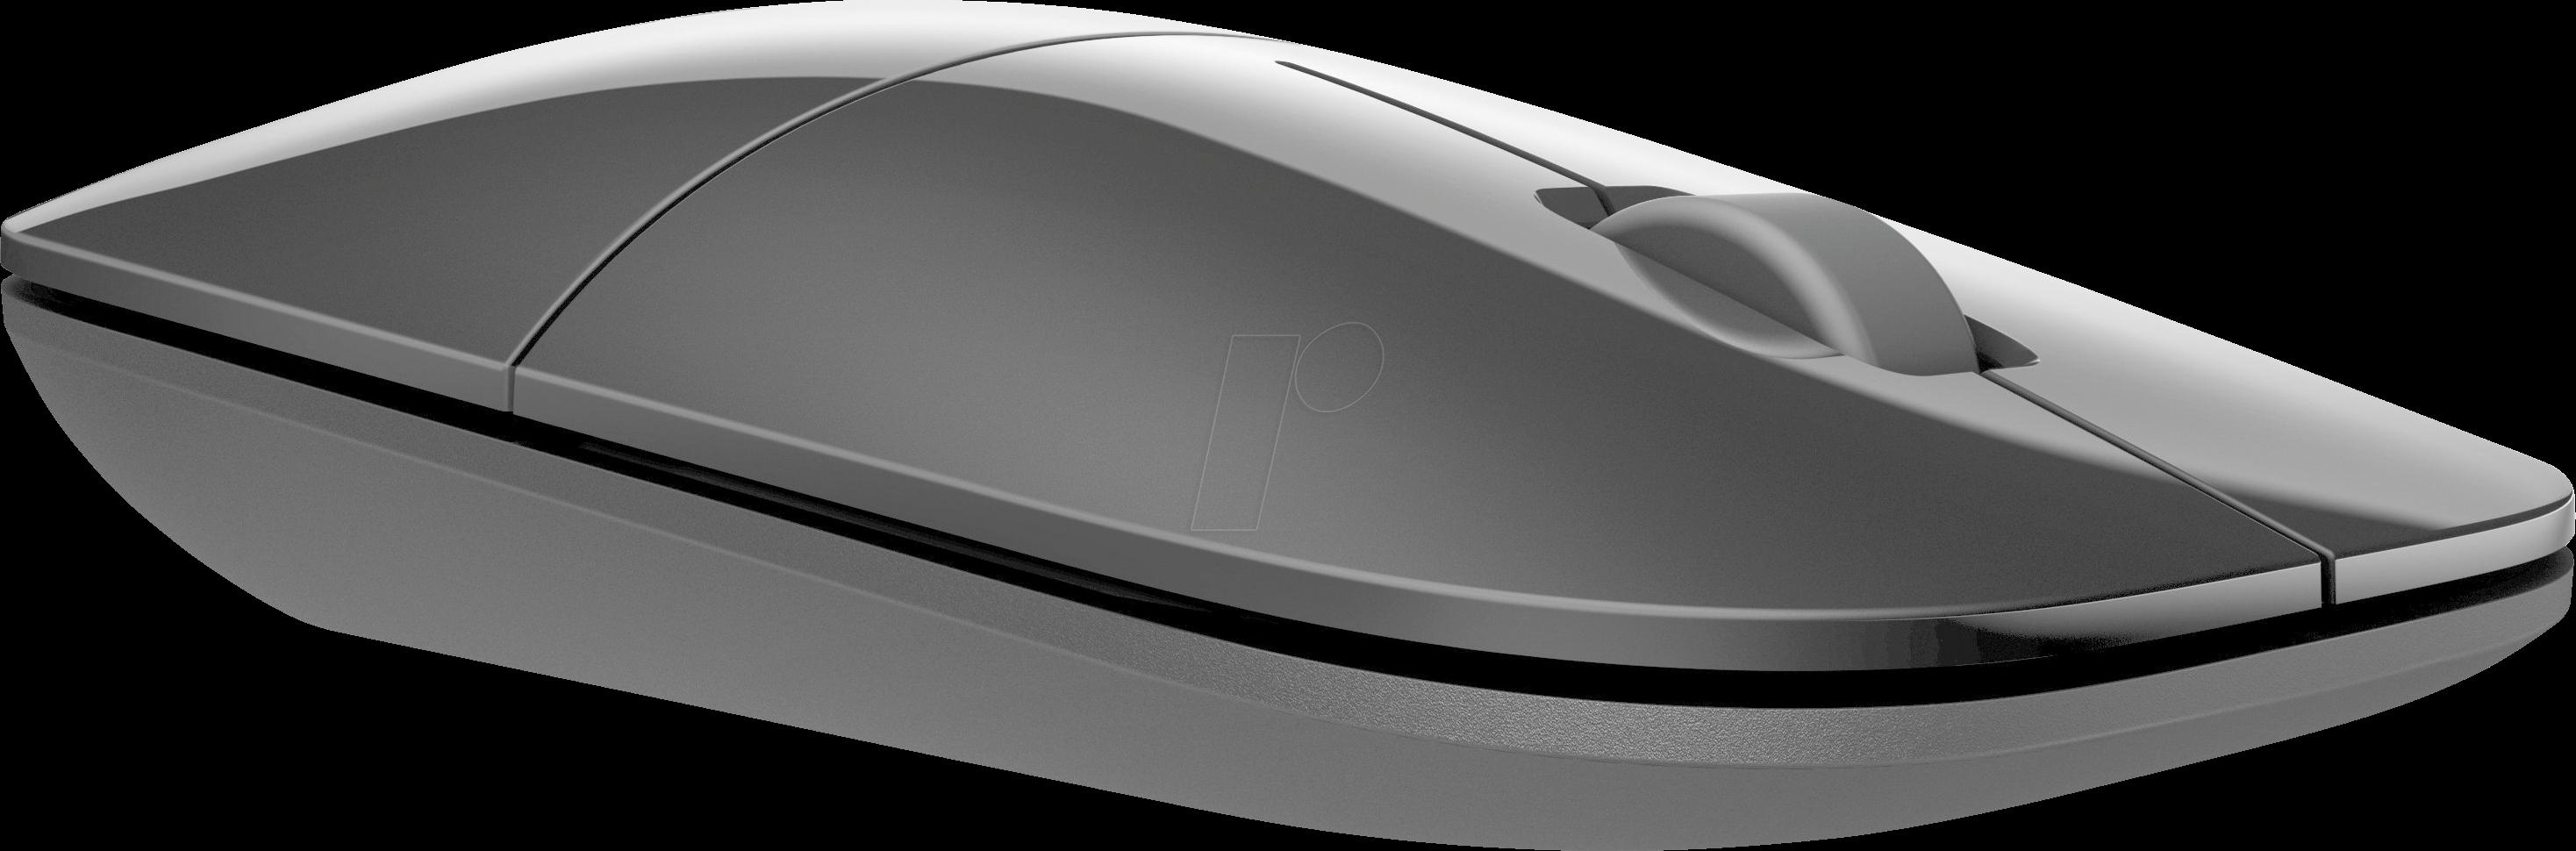 8545df2671f HP V0L79AA: Wireless mouse - black at reichelt elektronik